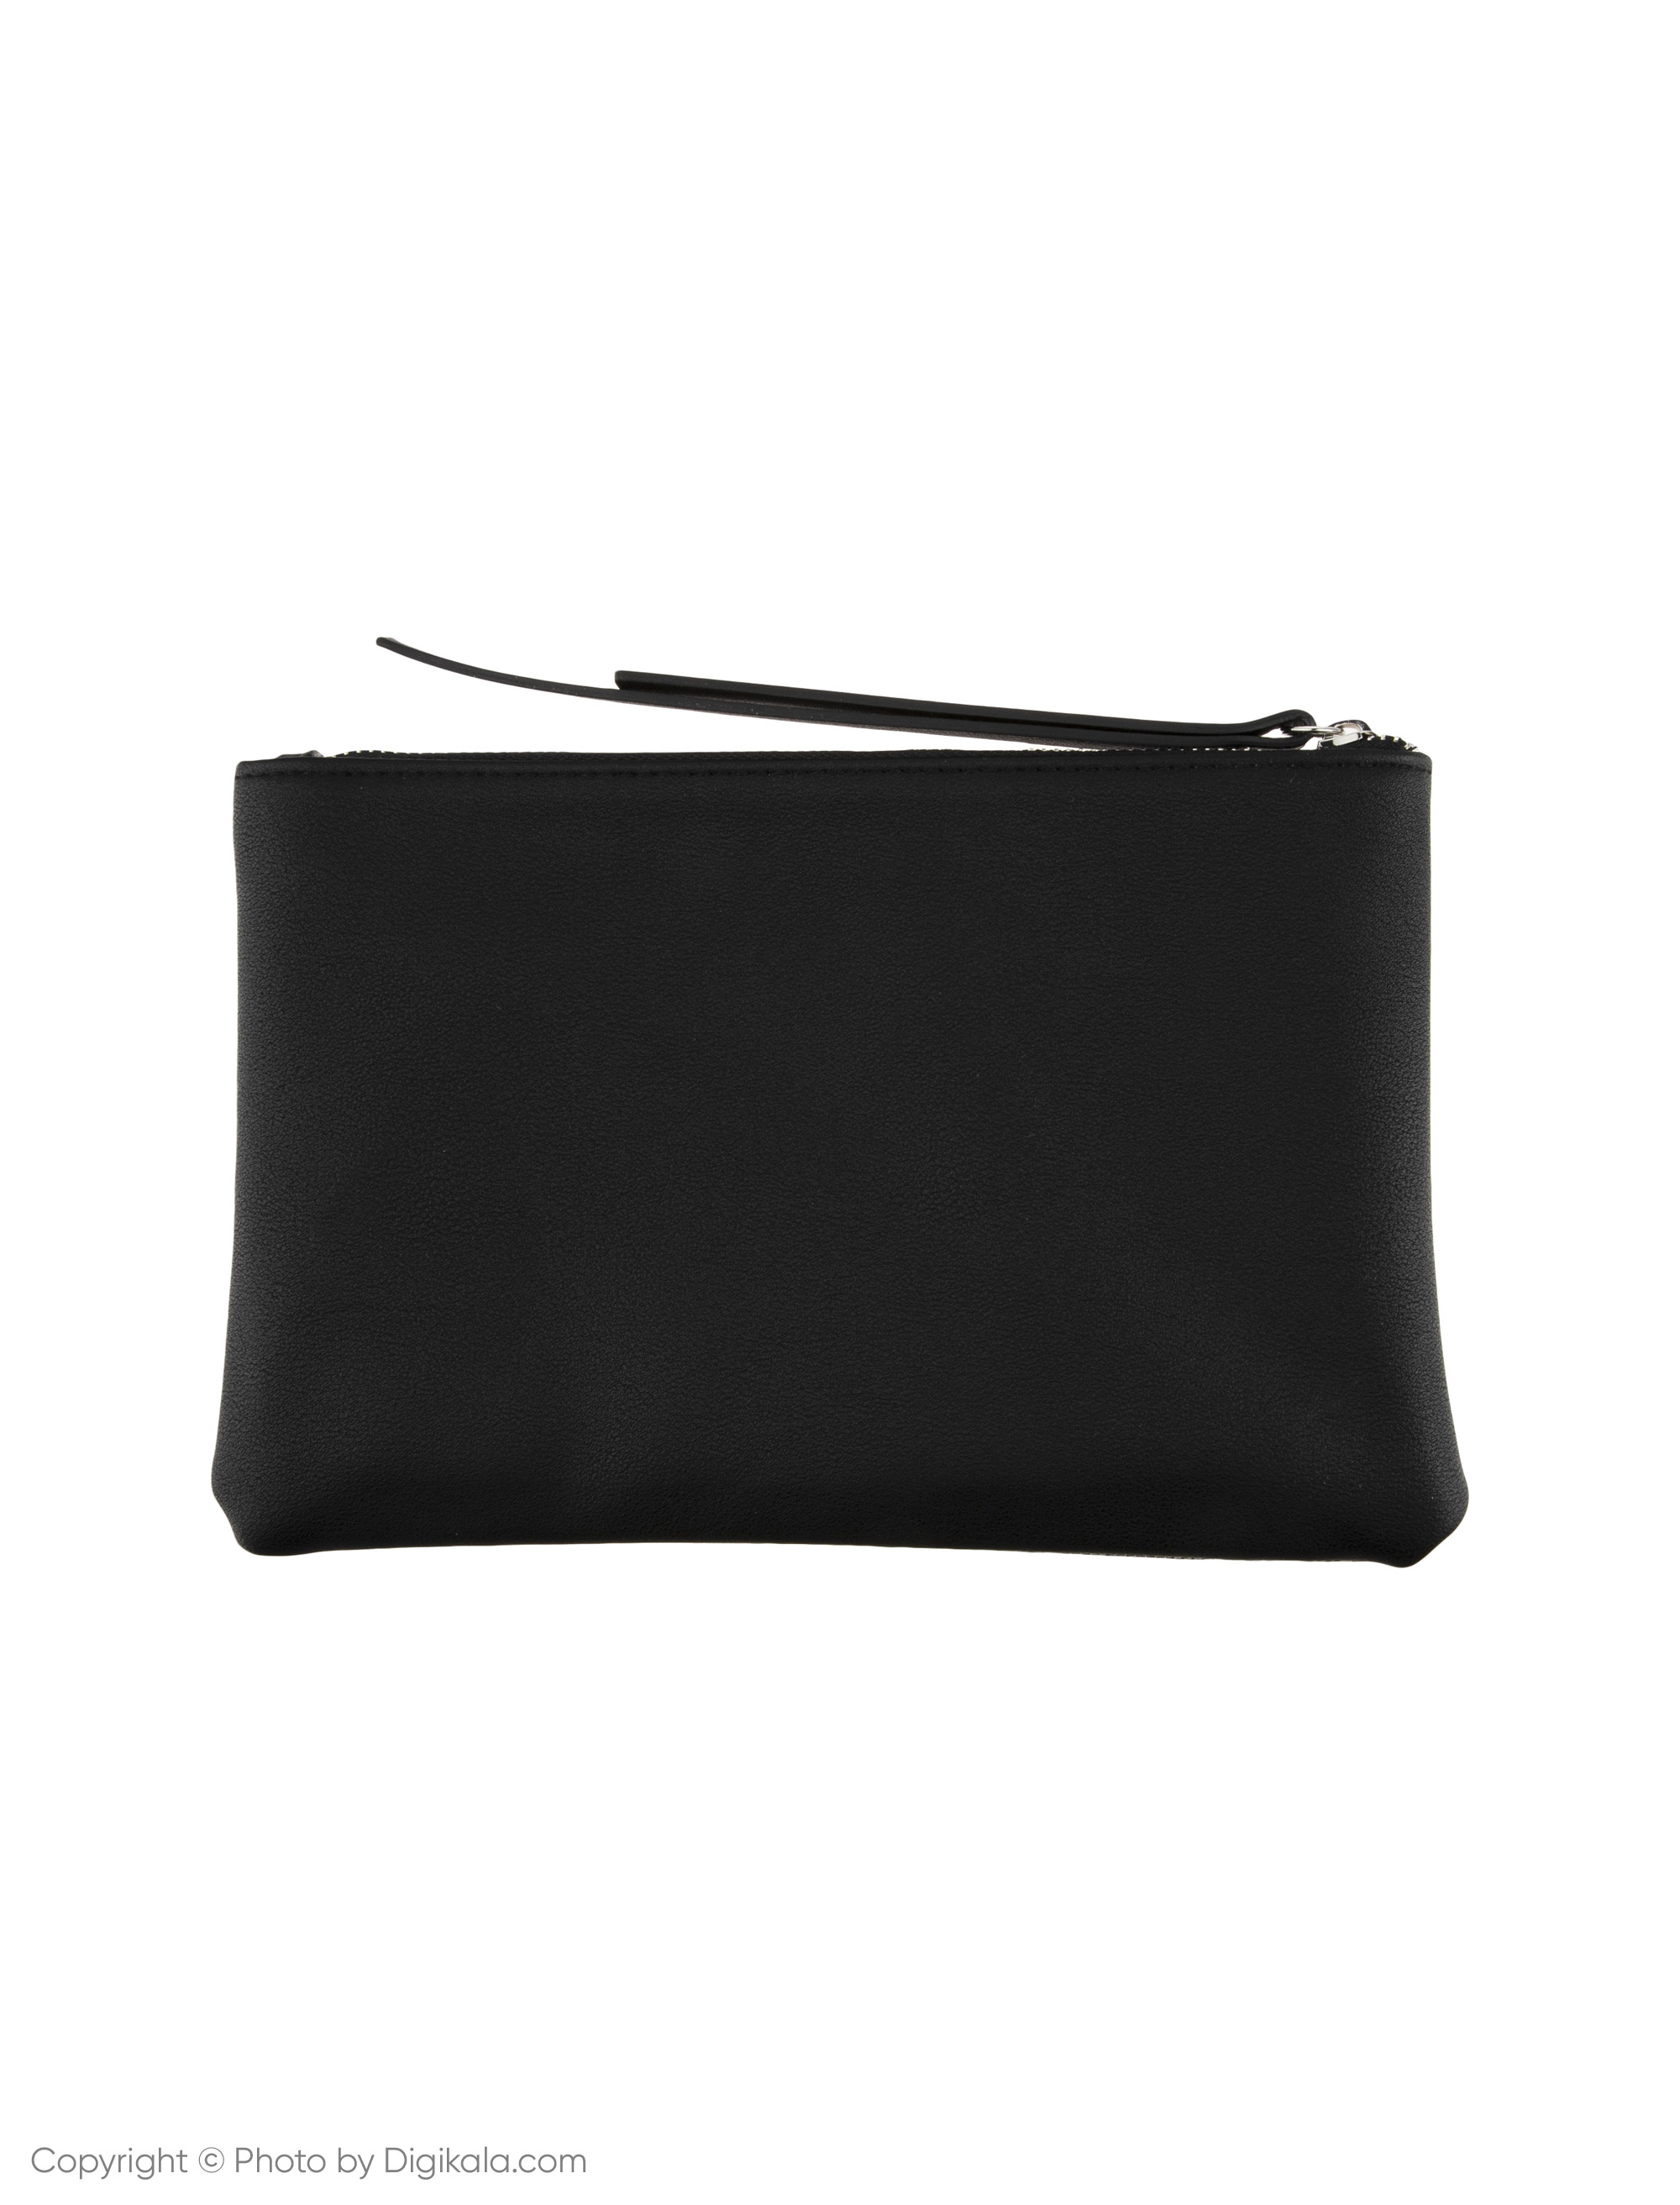 کیف دستی روزمره  زنانه - ویولتا بای مانگو